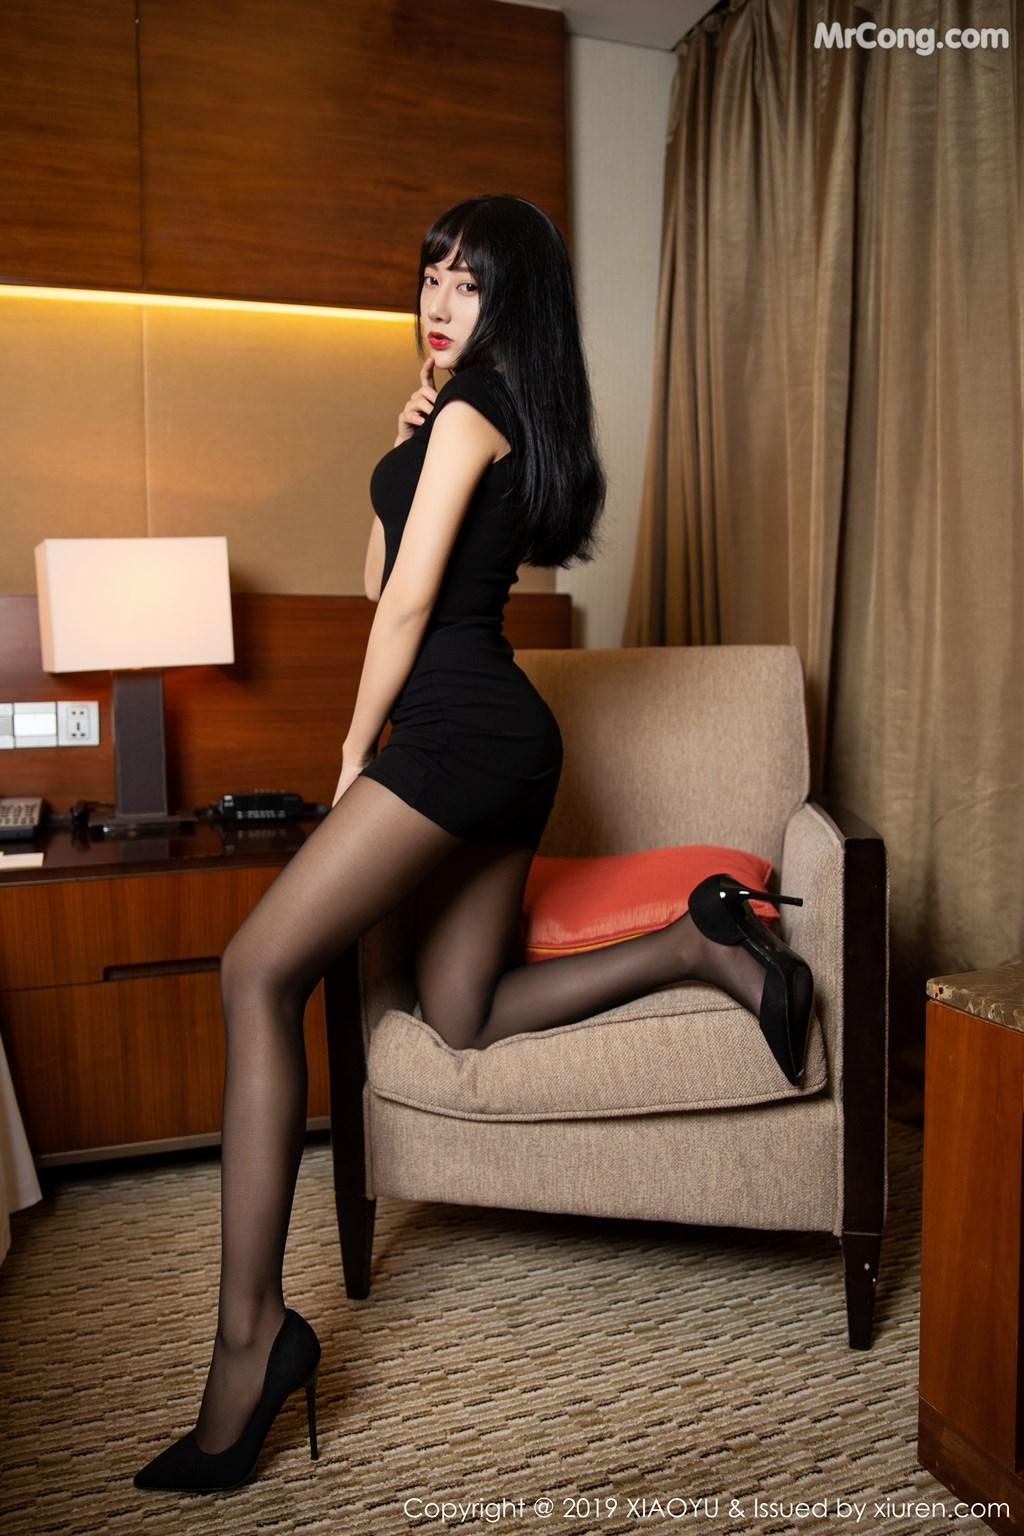 Image XiaoYu-Vol.145-He-Jia-Ying-MrCong.com-004 in post XiaoYu Vol.145: He Jia Ying (何嘉颖) (68 ảnh)